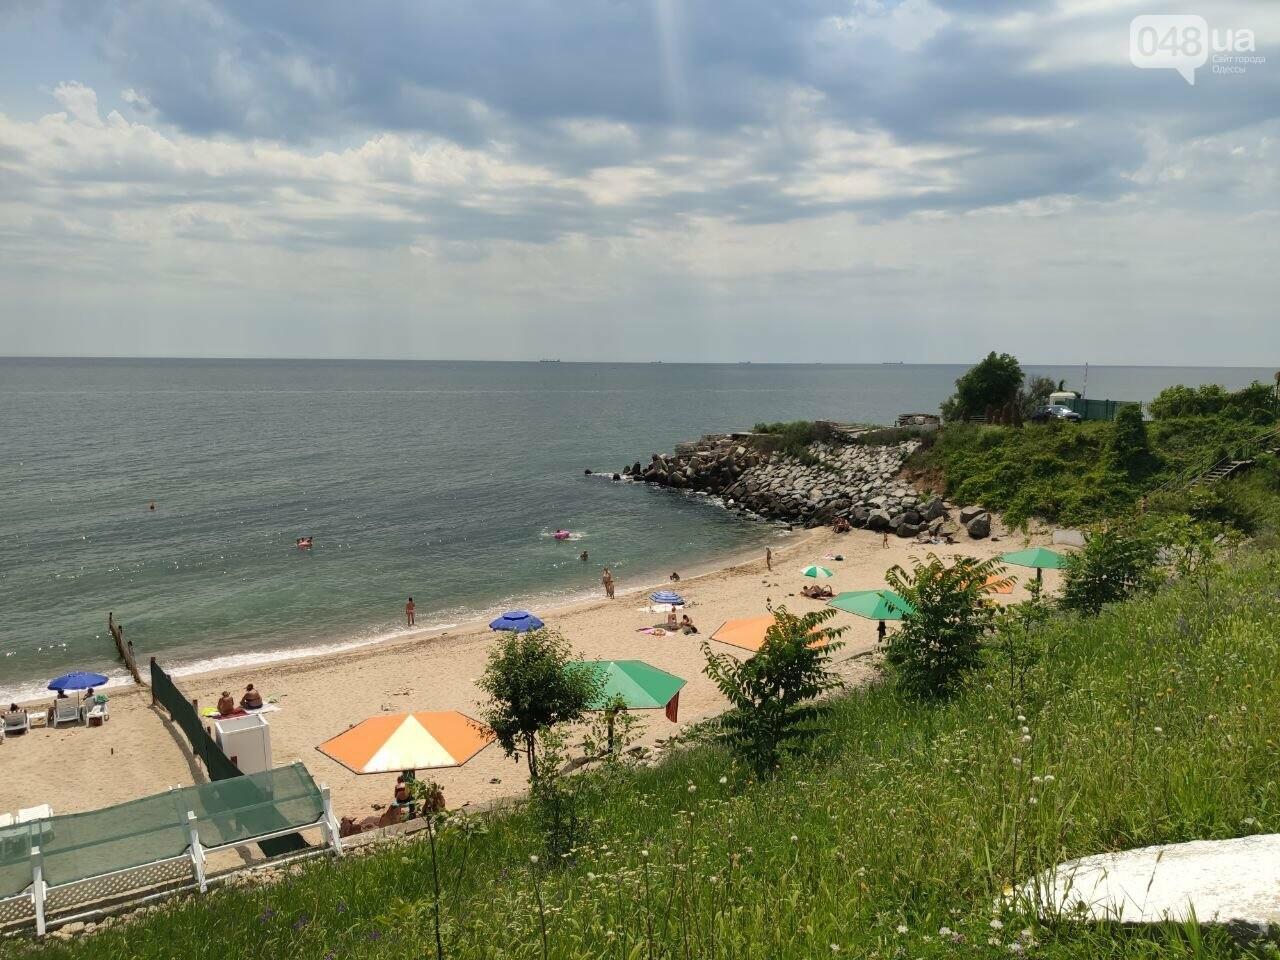 Пляж на Совиньоне под Одессой: что находится на закрытой территории и как туда попасть, - ФОТО, фото-11